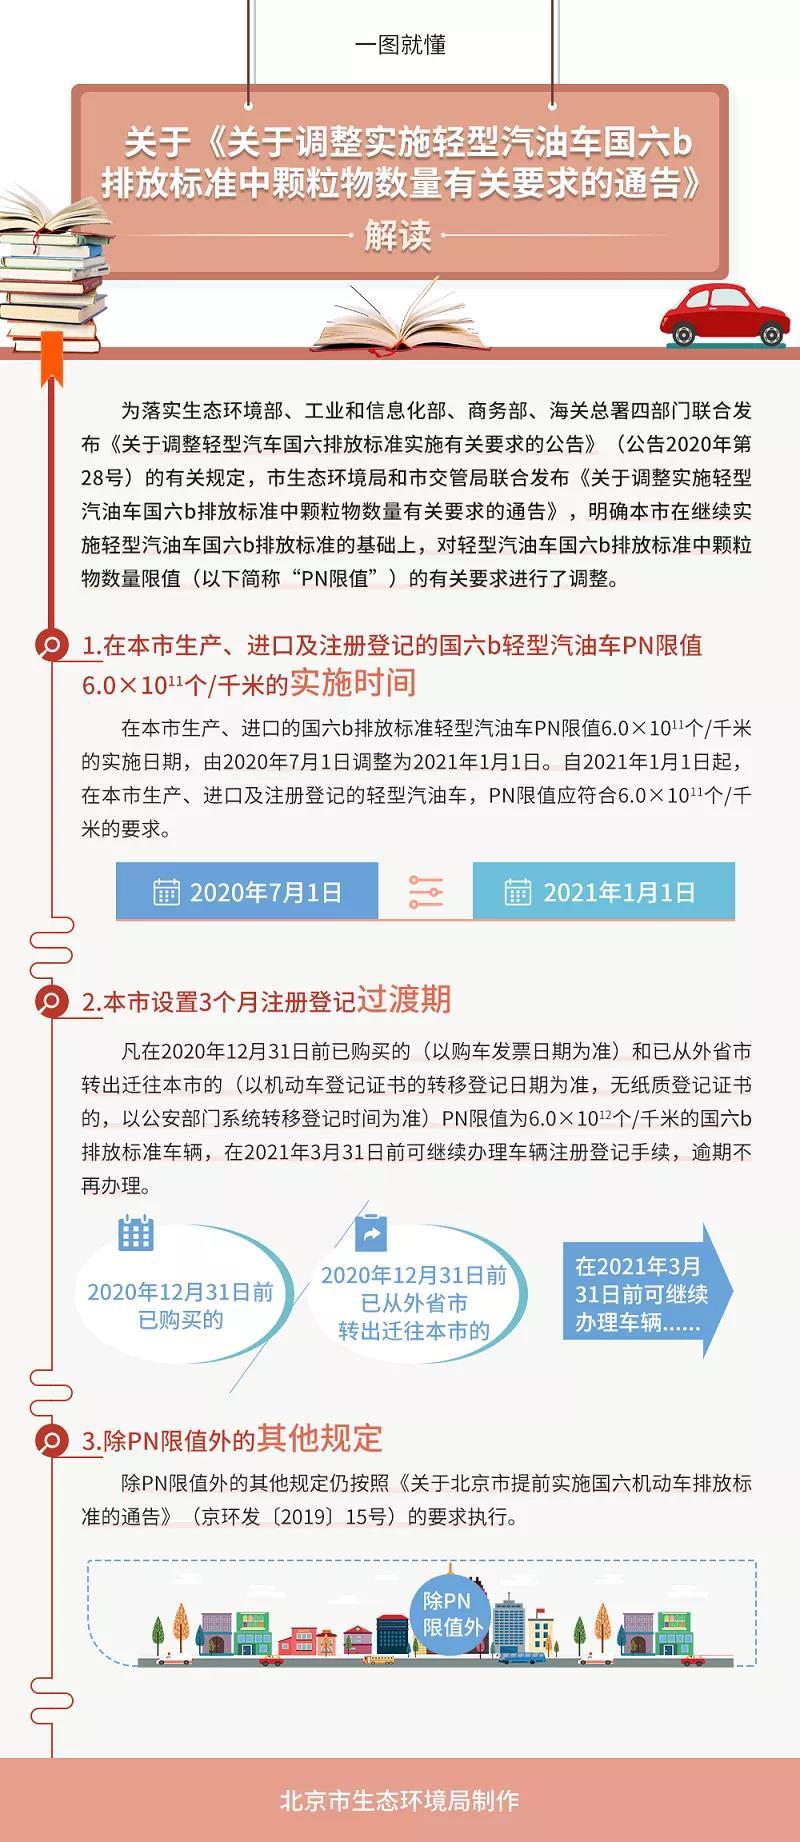 北京国六排放标准过渡期延长至2021年1月1日